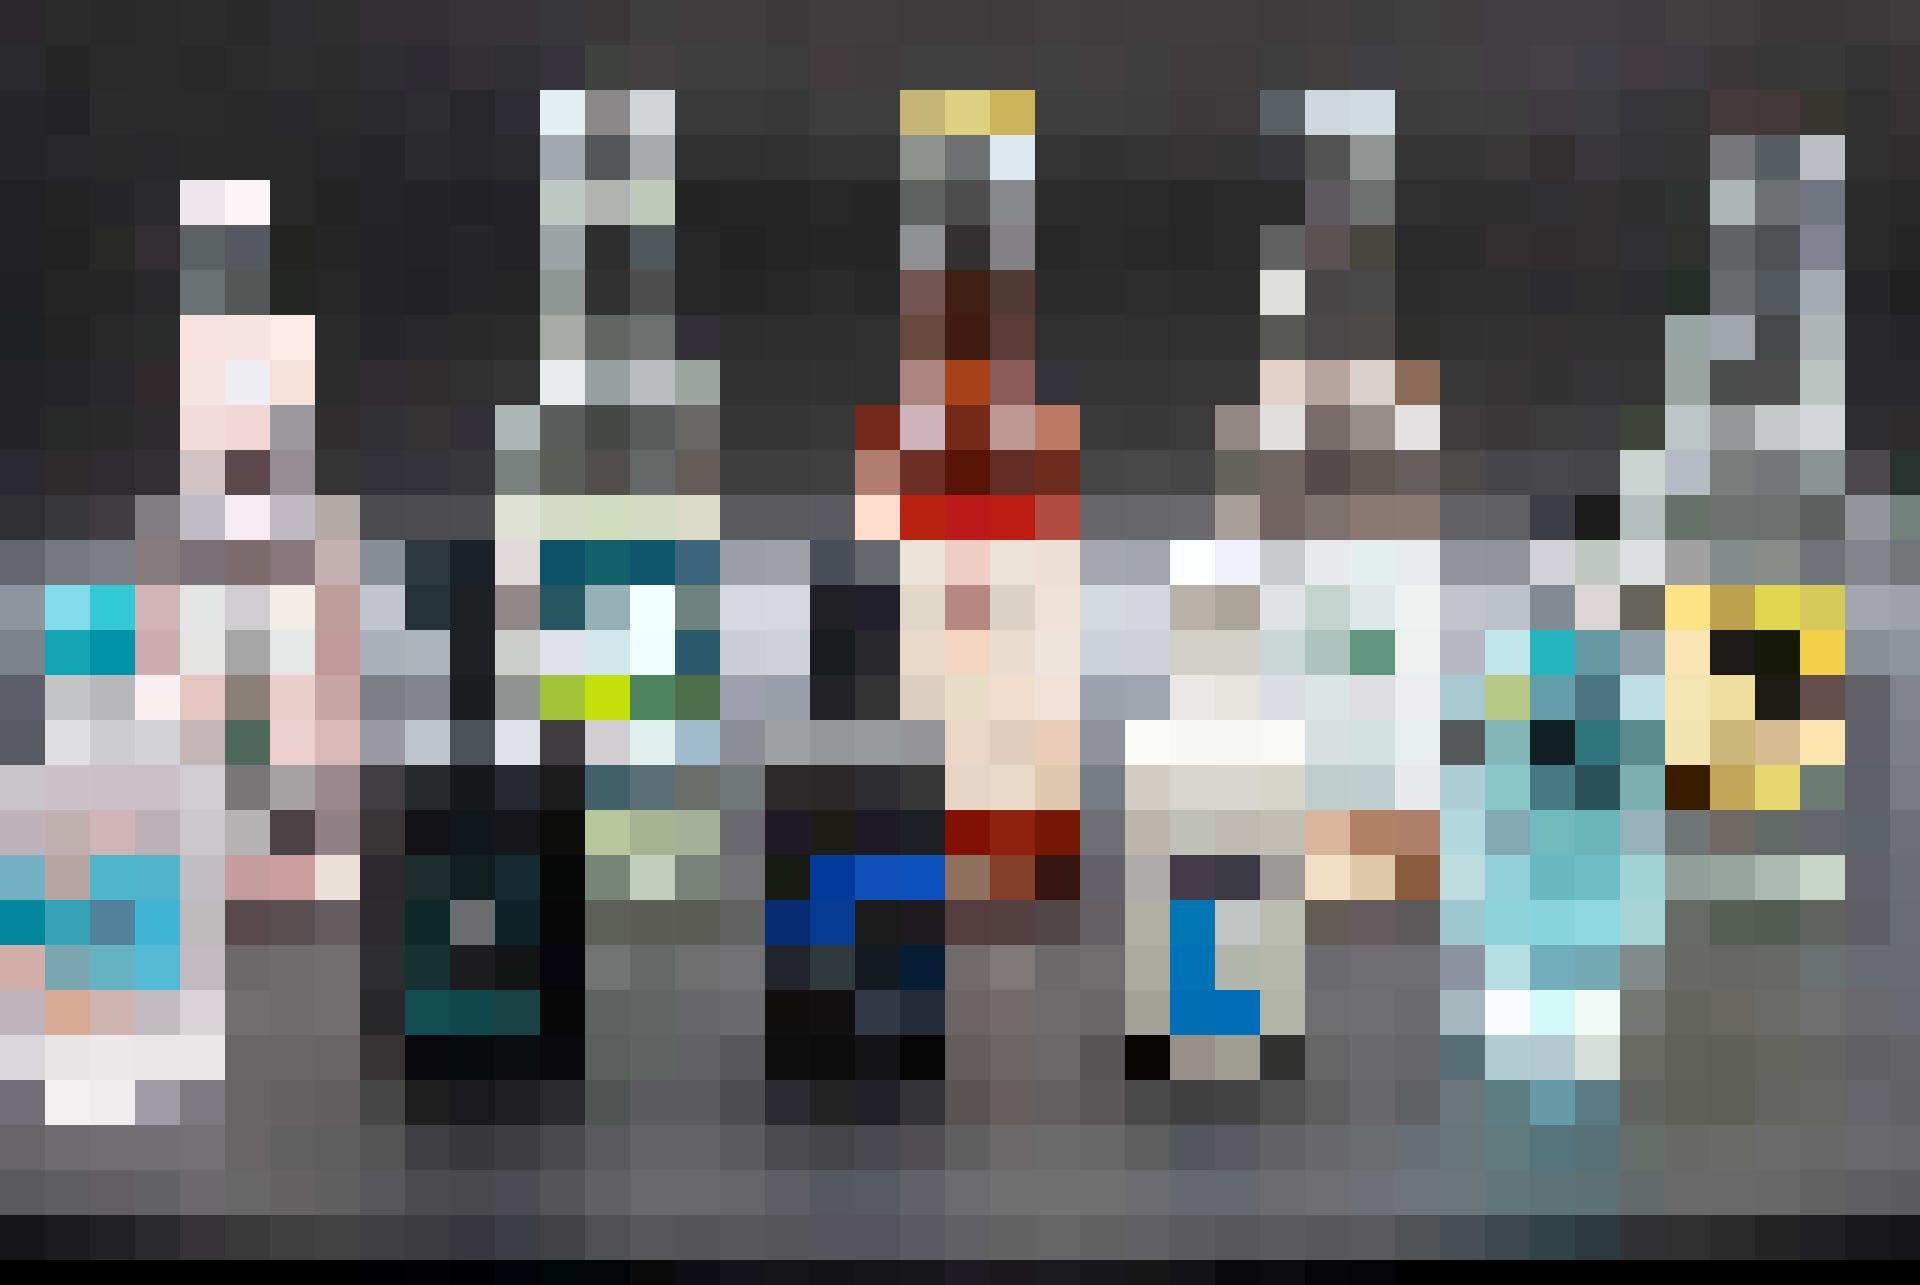 «Die jungen Wilden» – die dritte von fünf limitierten Gin-Boxen, zusammengestellt vom Gin-Experten Peter Jauch.